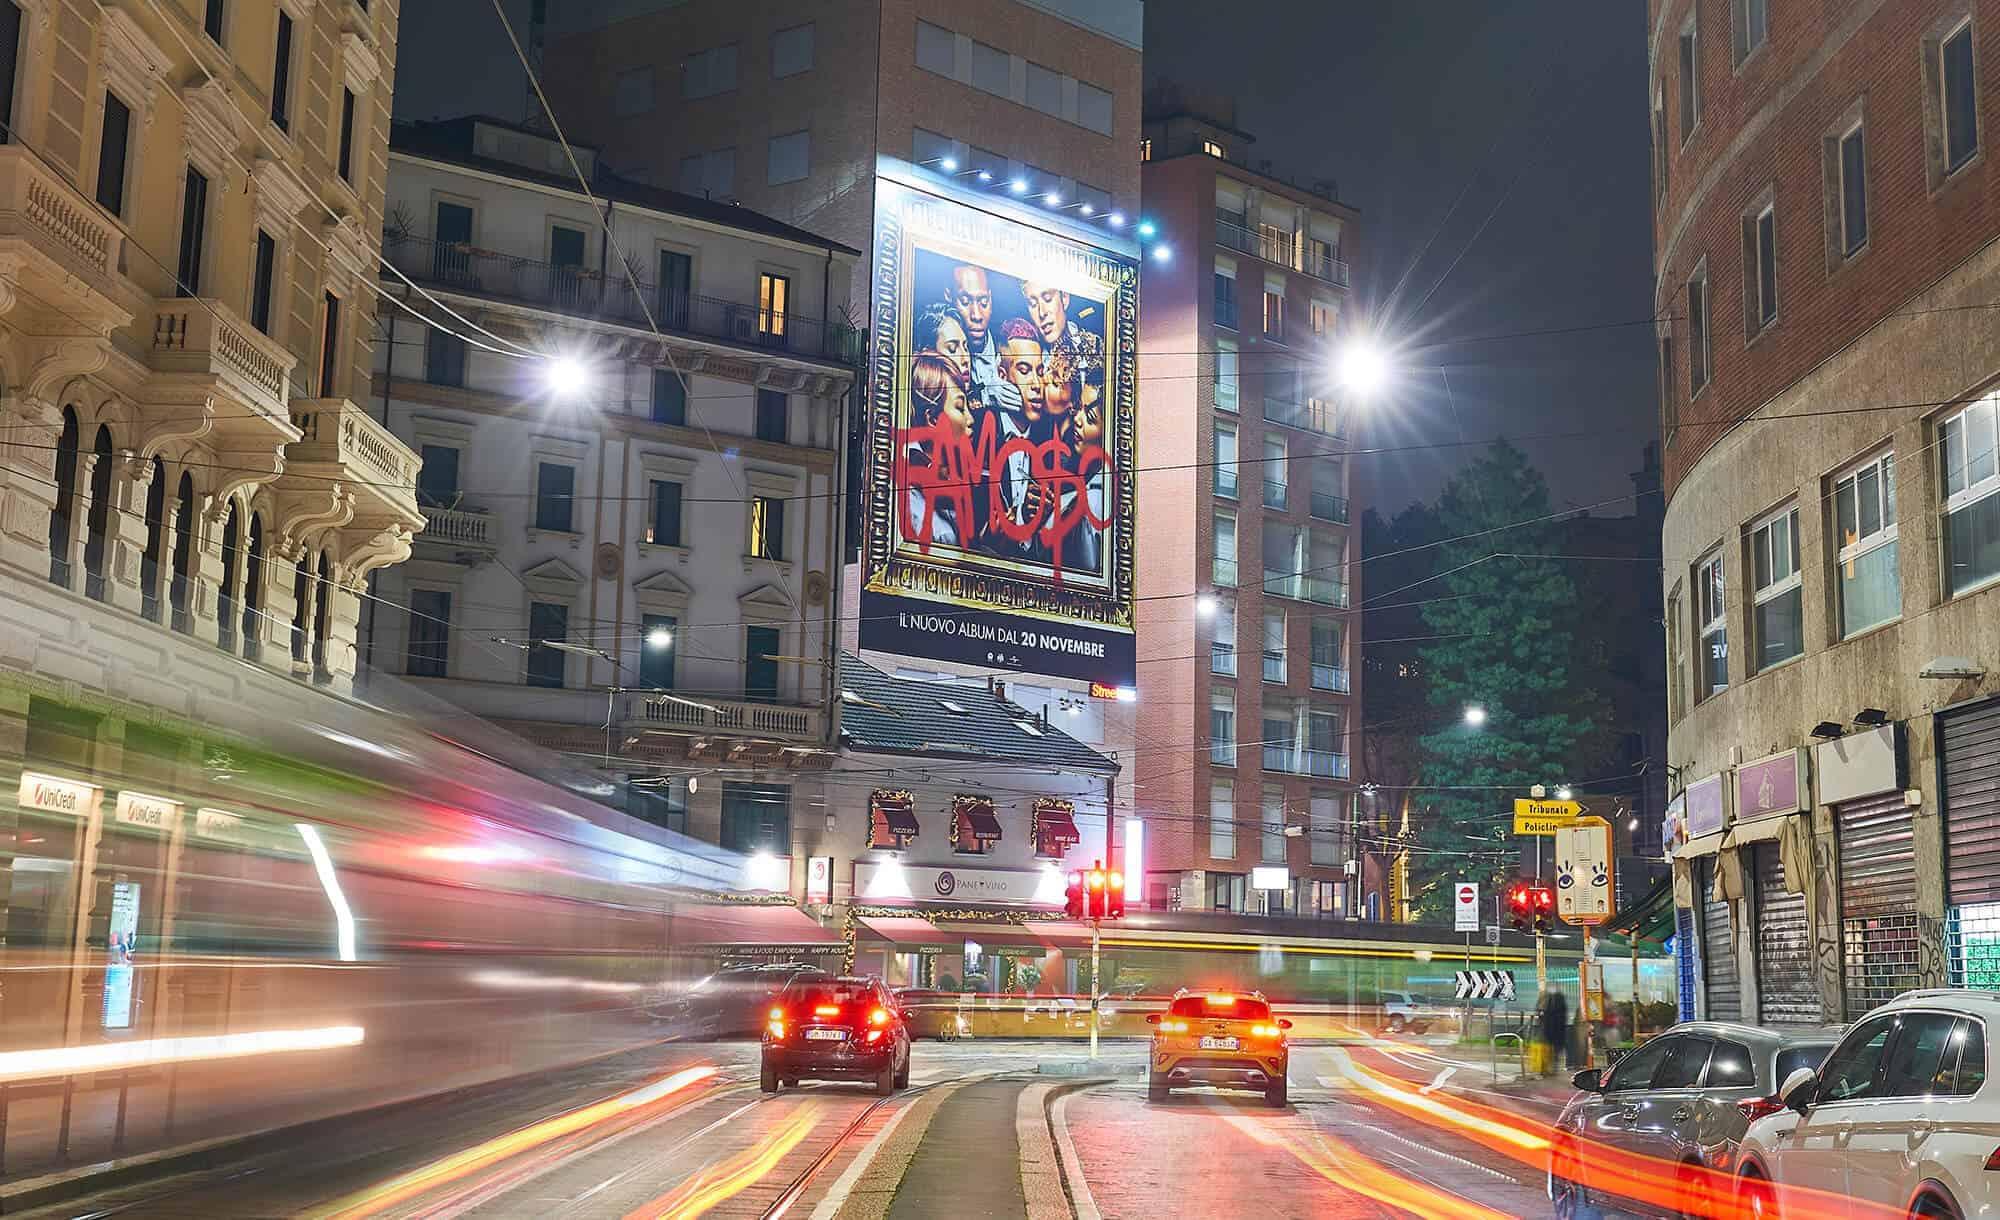 Maxi Affissione Streetvox in Largo Carrobbio su Hotel Ariston a Milano con Sfera Ebbasta Universal (music)